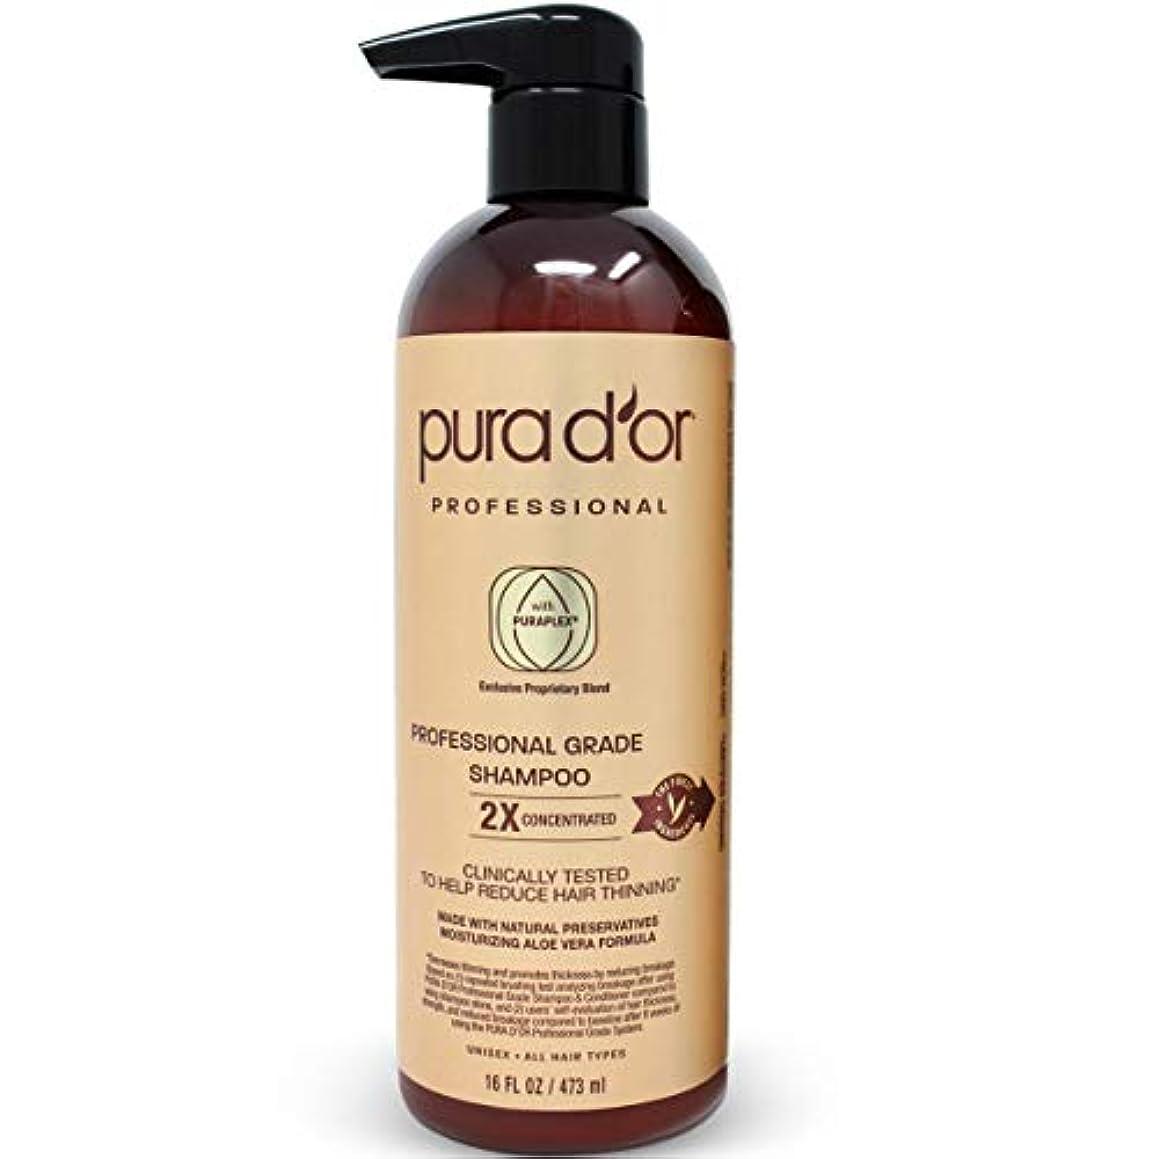 それからこどもの宮殿論理PURA D'OR プロフェッショナル品質 薄毛対策 2X 濃縮 有効成分 効果を高める 天然成分 臨床試験済み、硫酸塩フリー、男性 & 女性、473 ml(16 液量オンス) シャンプー